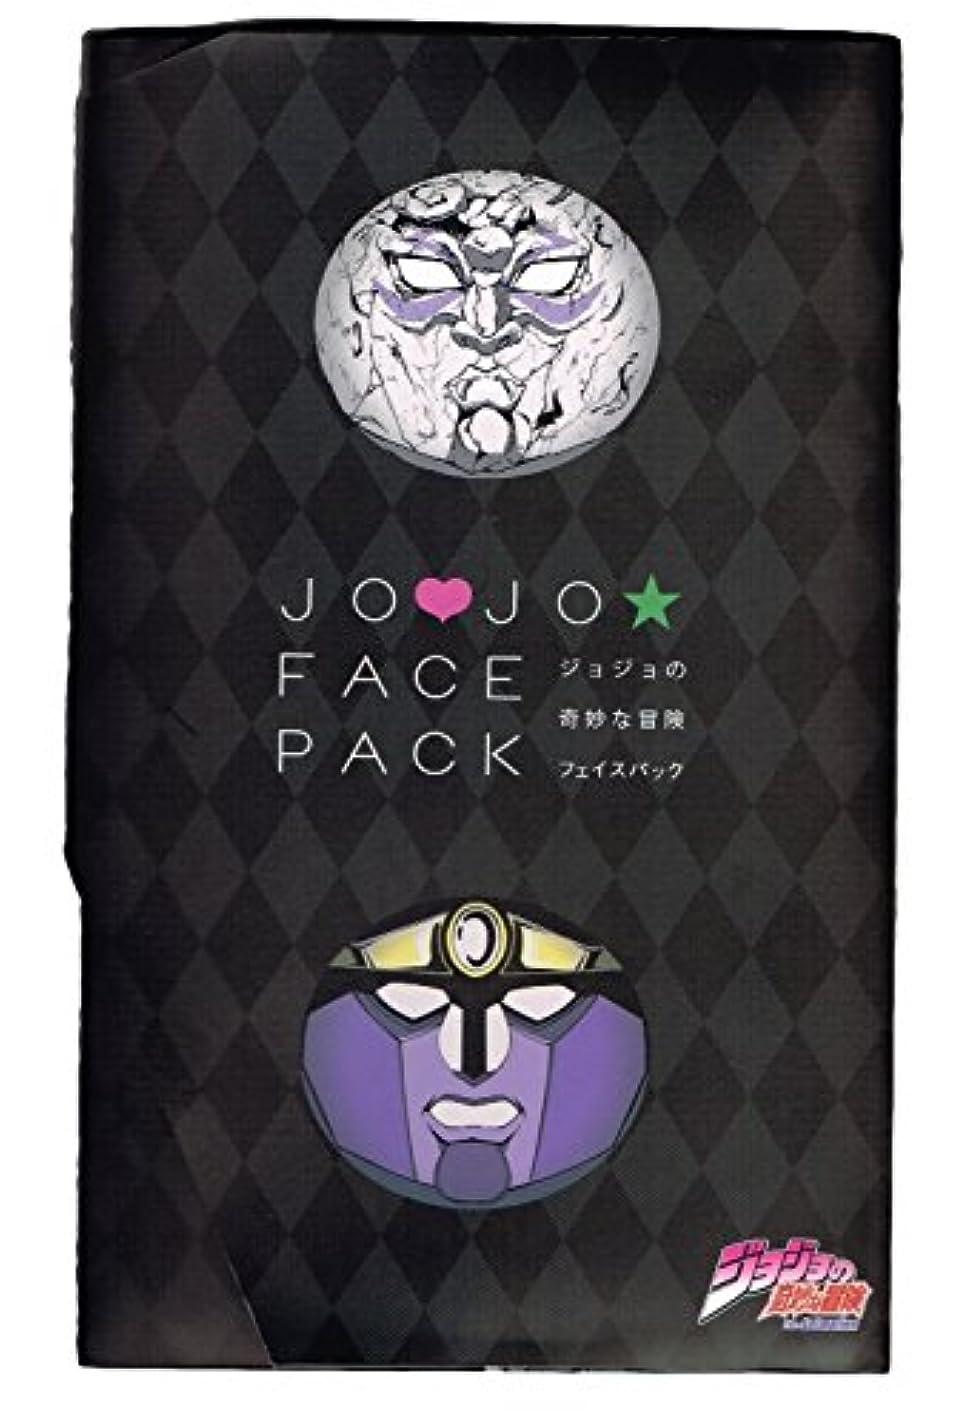 ジョジョの奇妙な冒険フェイスパック 石仮面 / スタープラチナ